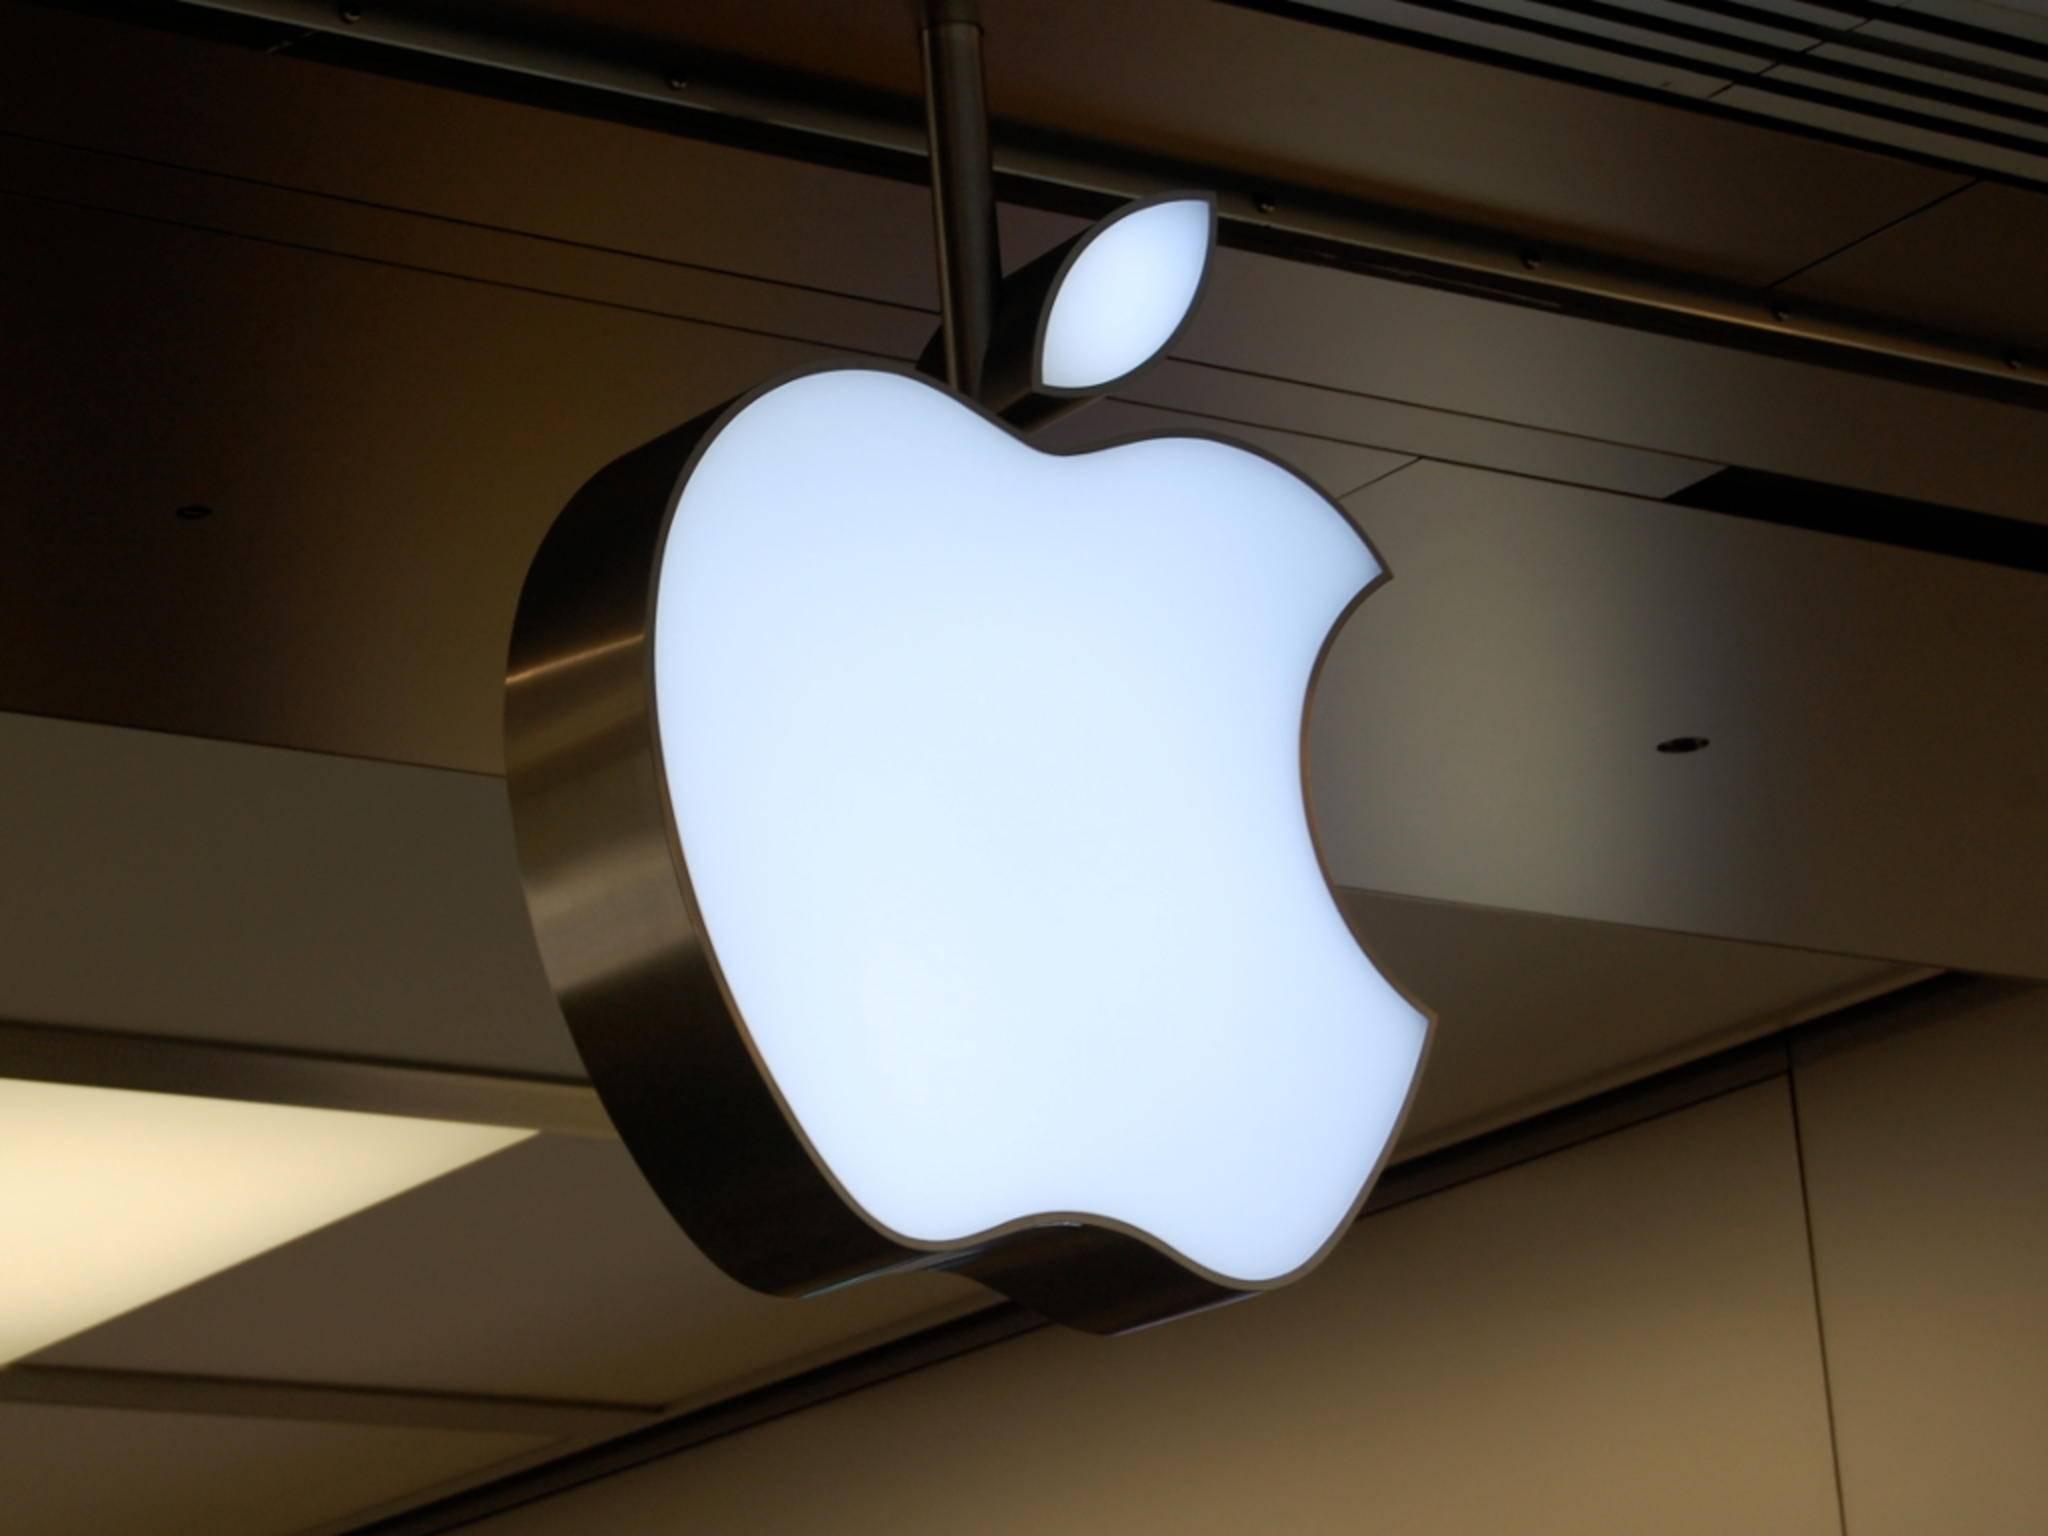 Trotz des Einbruchs ist Apple nach wie vor das wertvolltste Unternehmen an der Börse.